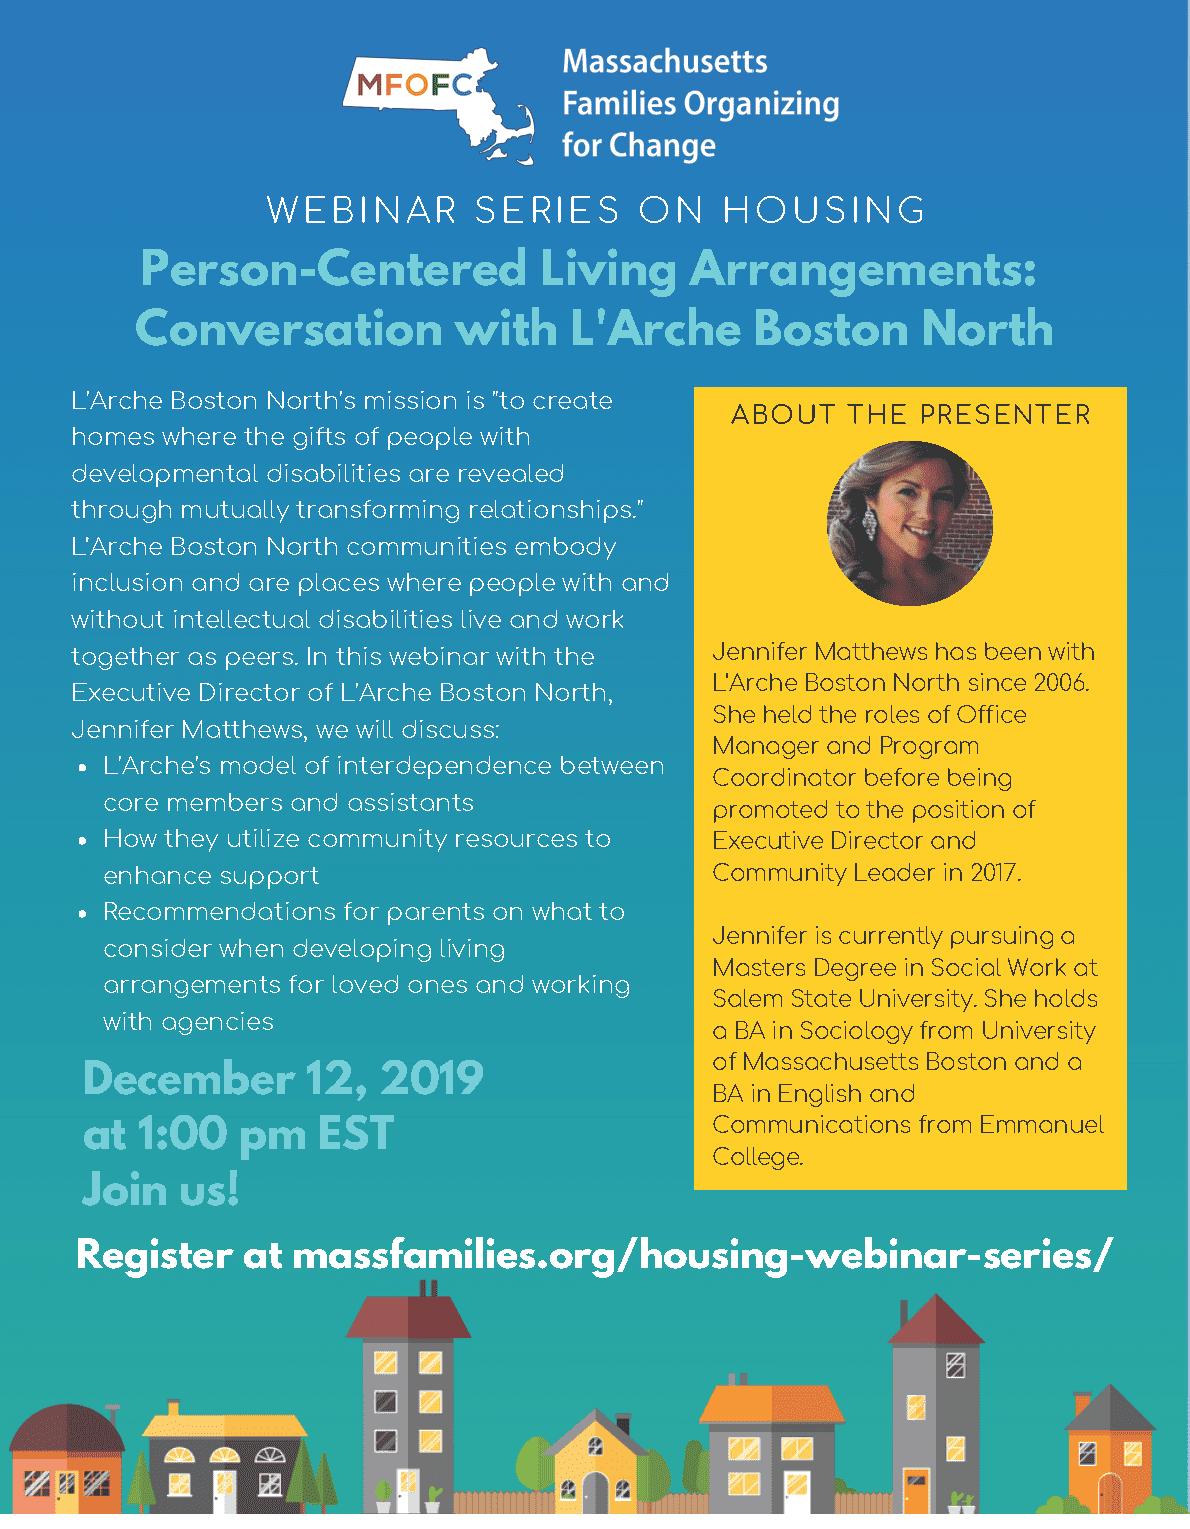 L'Arche Boston North Dec 12 2019 MFOFC Housing Webinar